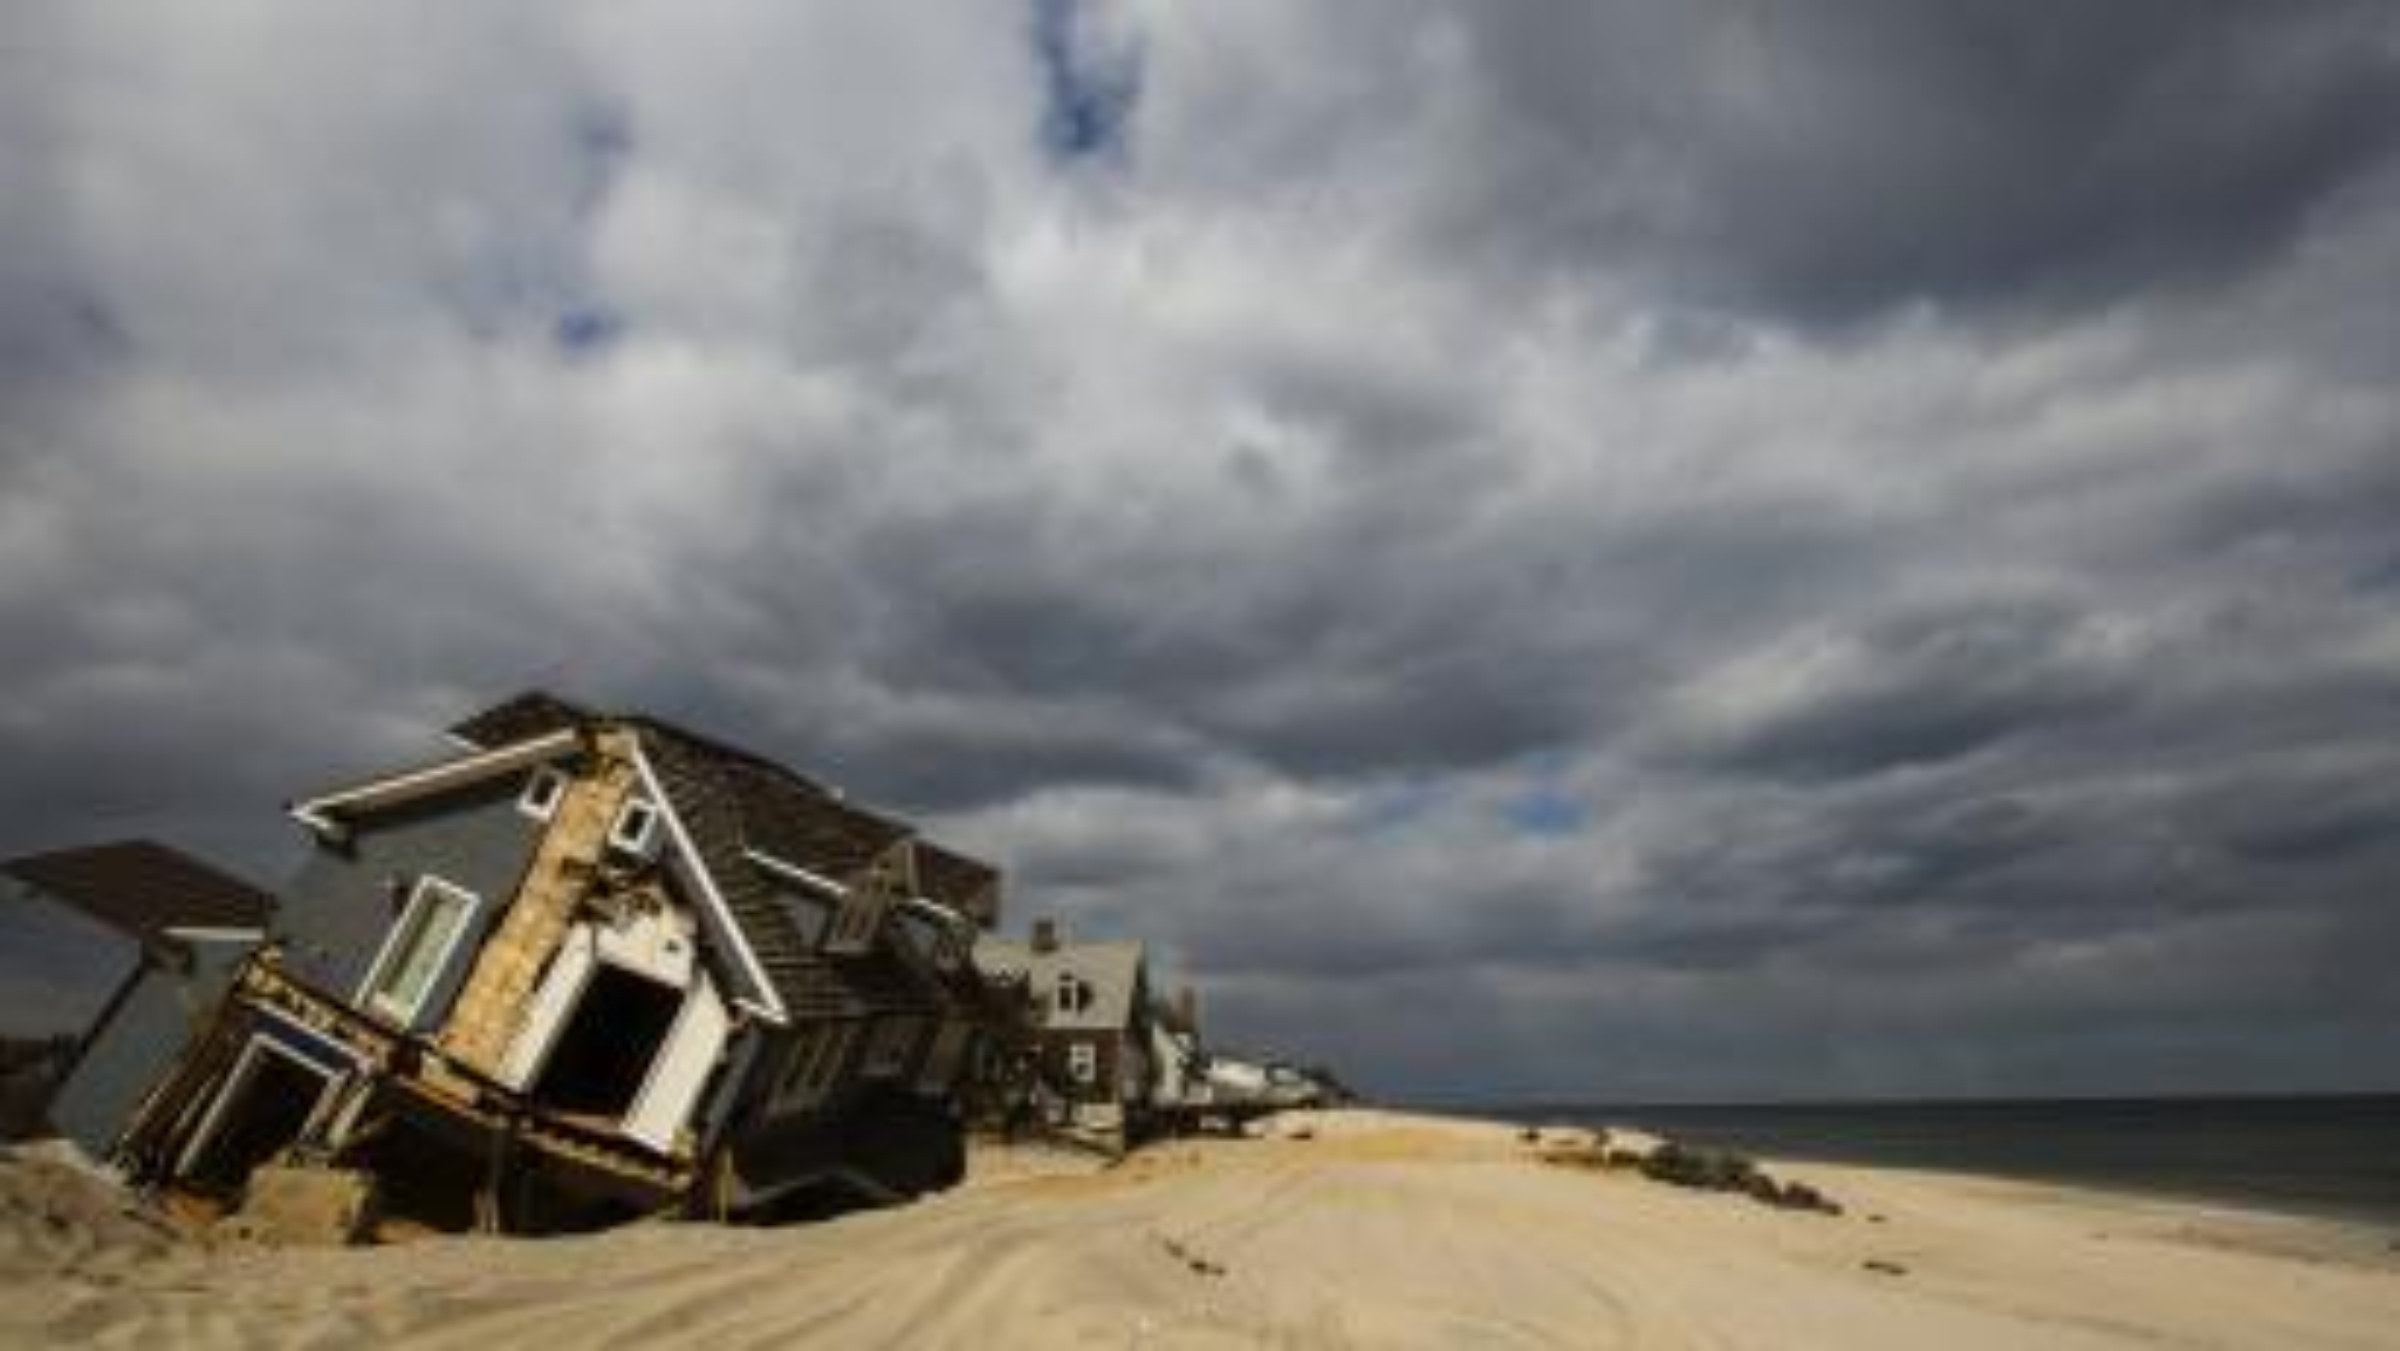 Reuters/Lucas Jackson